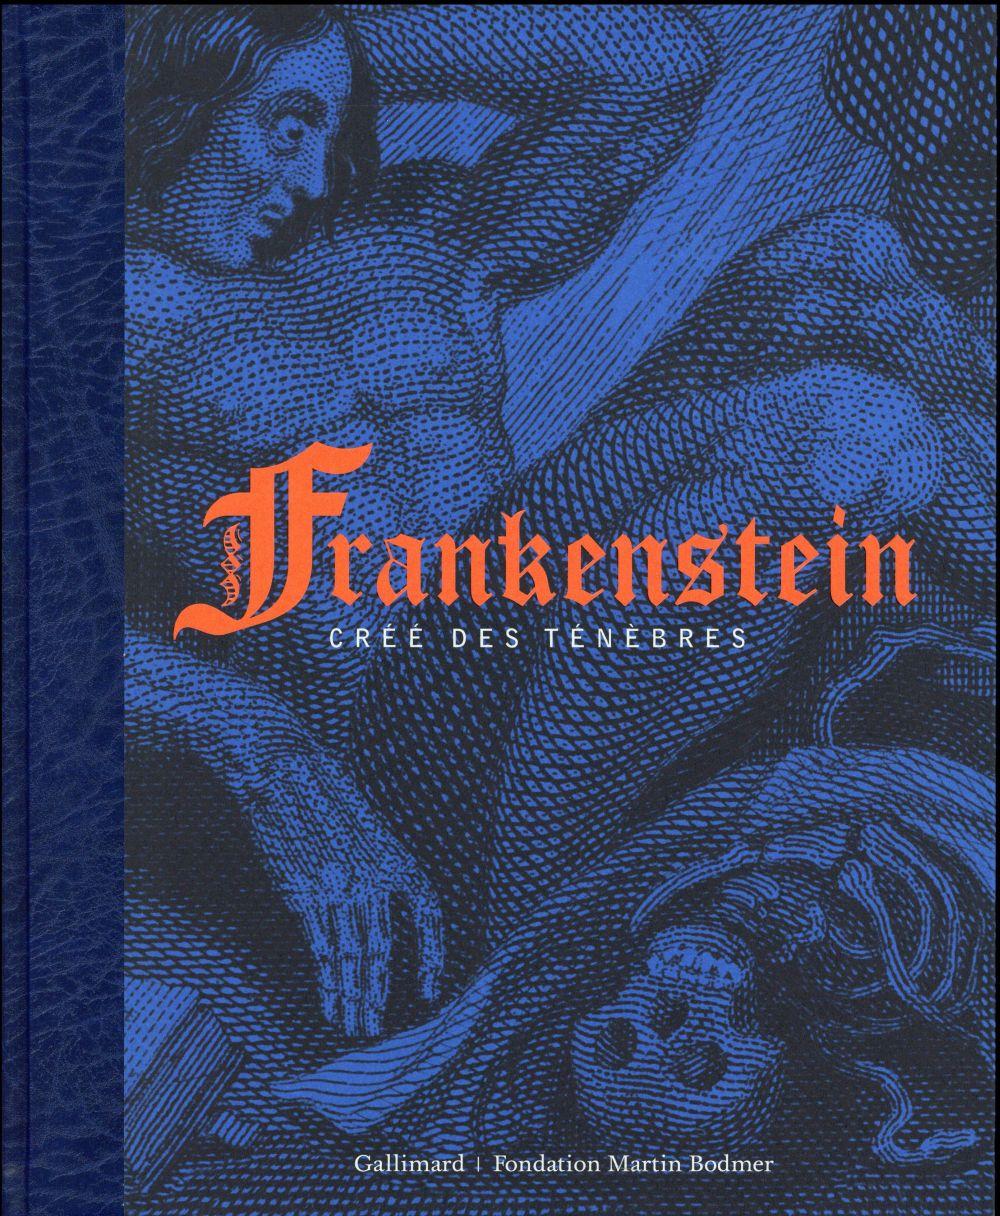 Frankenstein, créé des ténèbres